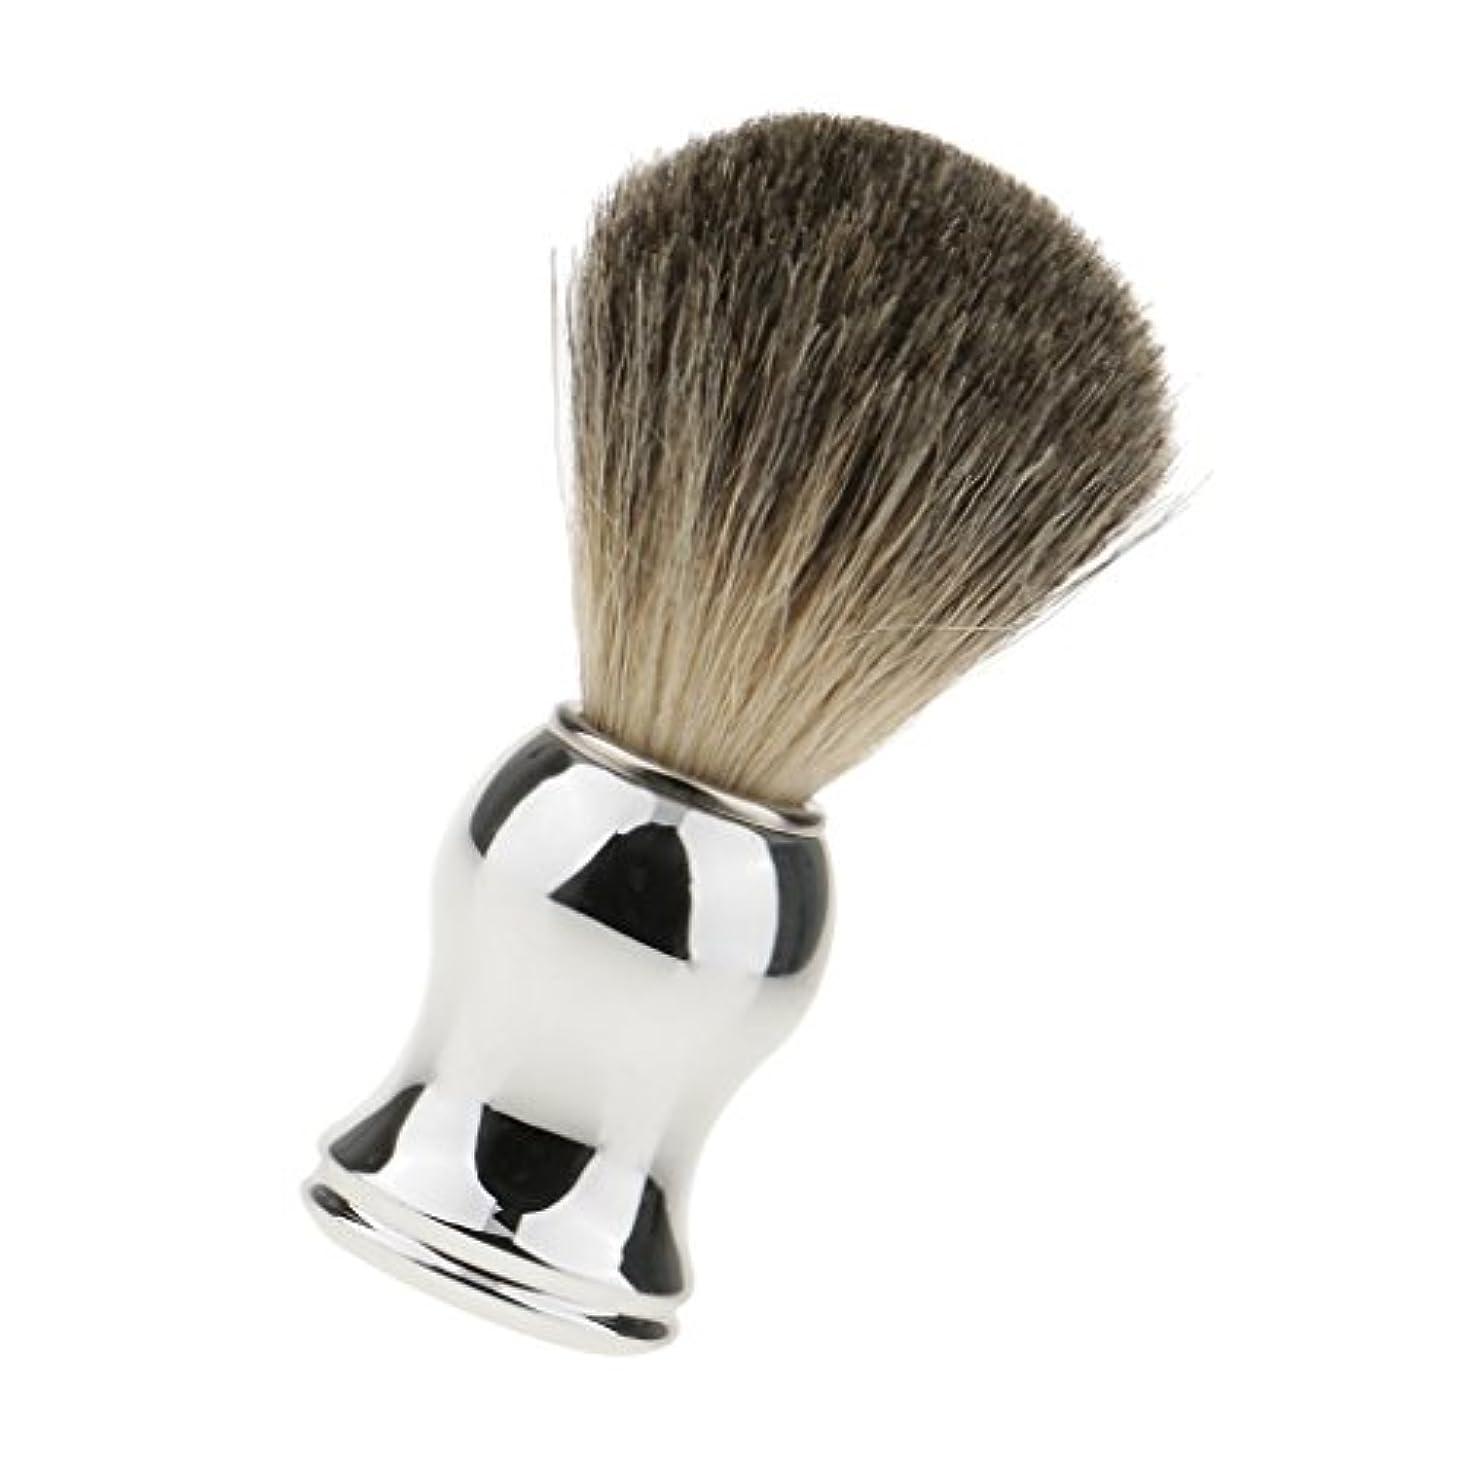 膨張するむしゃむしゃくちばしchiwanji シェービング用ブラシ 人工毛 メンズ 理容 洗顔 髭剃り 泡立ち 11.2cm 全2色 - シルバーハンドル